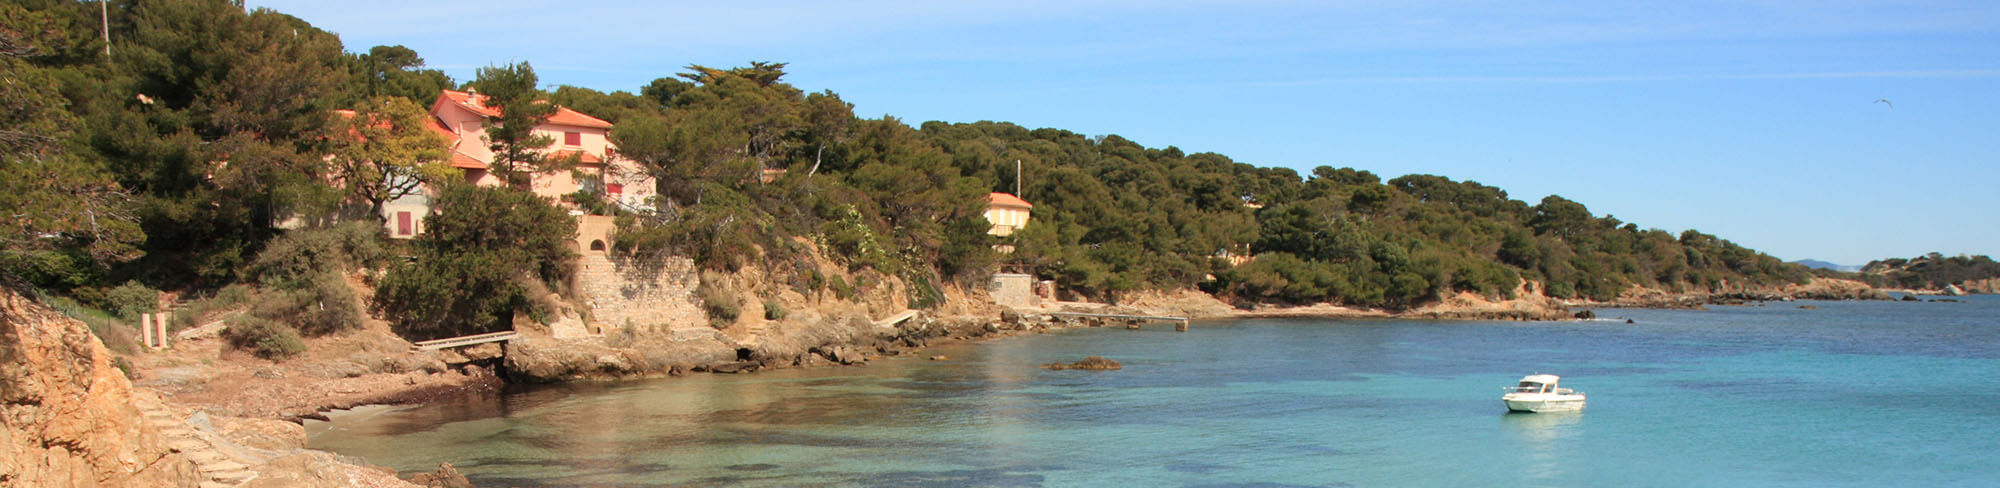 Profitez des promotions de Vacances Giens : campings et résidence de vacances sur la Presqu'île de Giens, dans le Var. Découvrez le sud de la France !